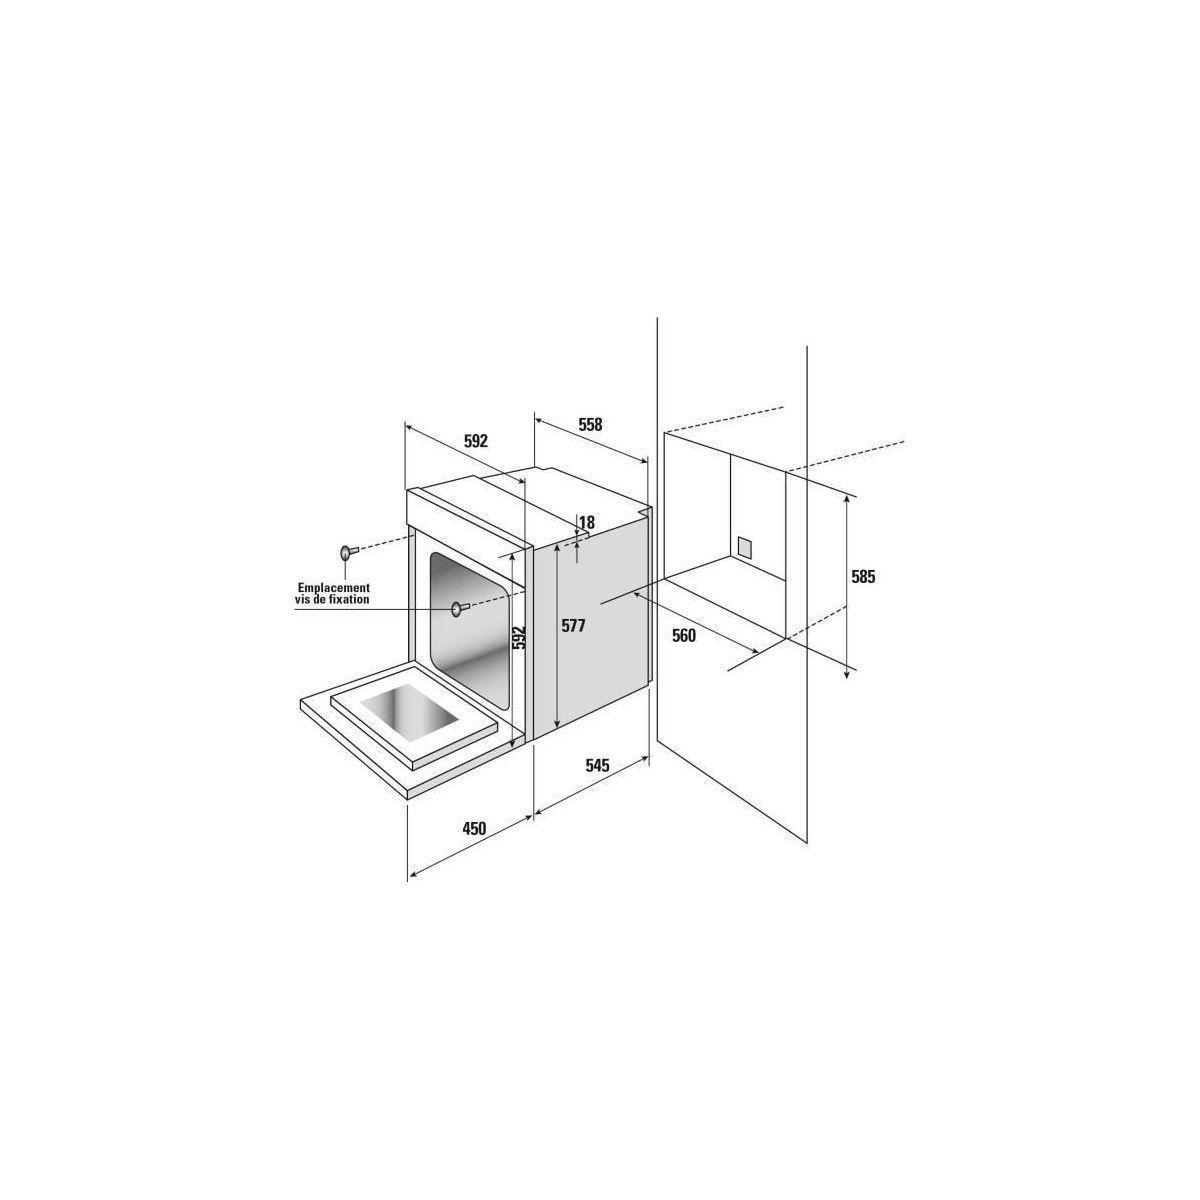 Piano De Cuisson Pas Cher Sauter sauter sfp950x - four electrique encastrable multifonction - 65 l -  pyrolyse - a+ - inox